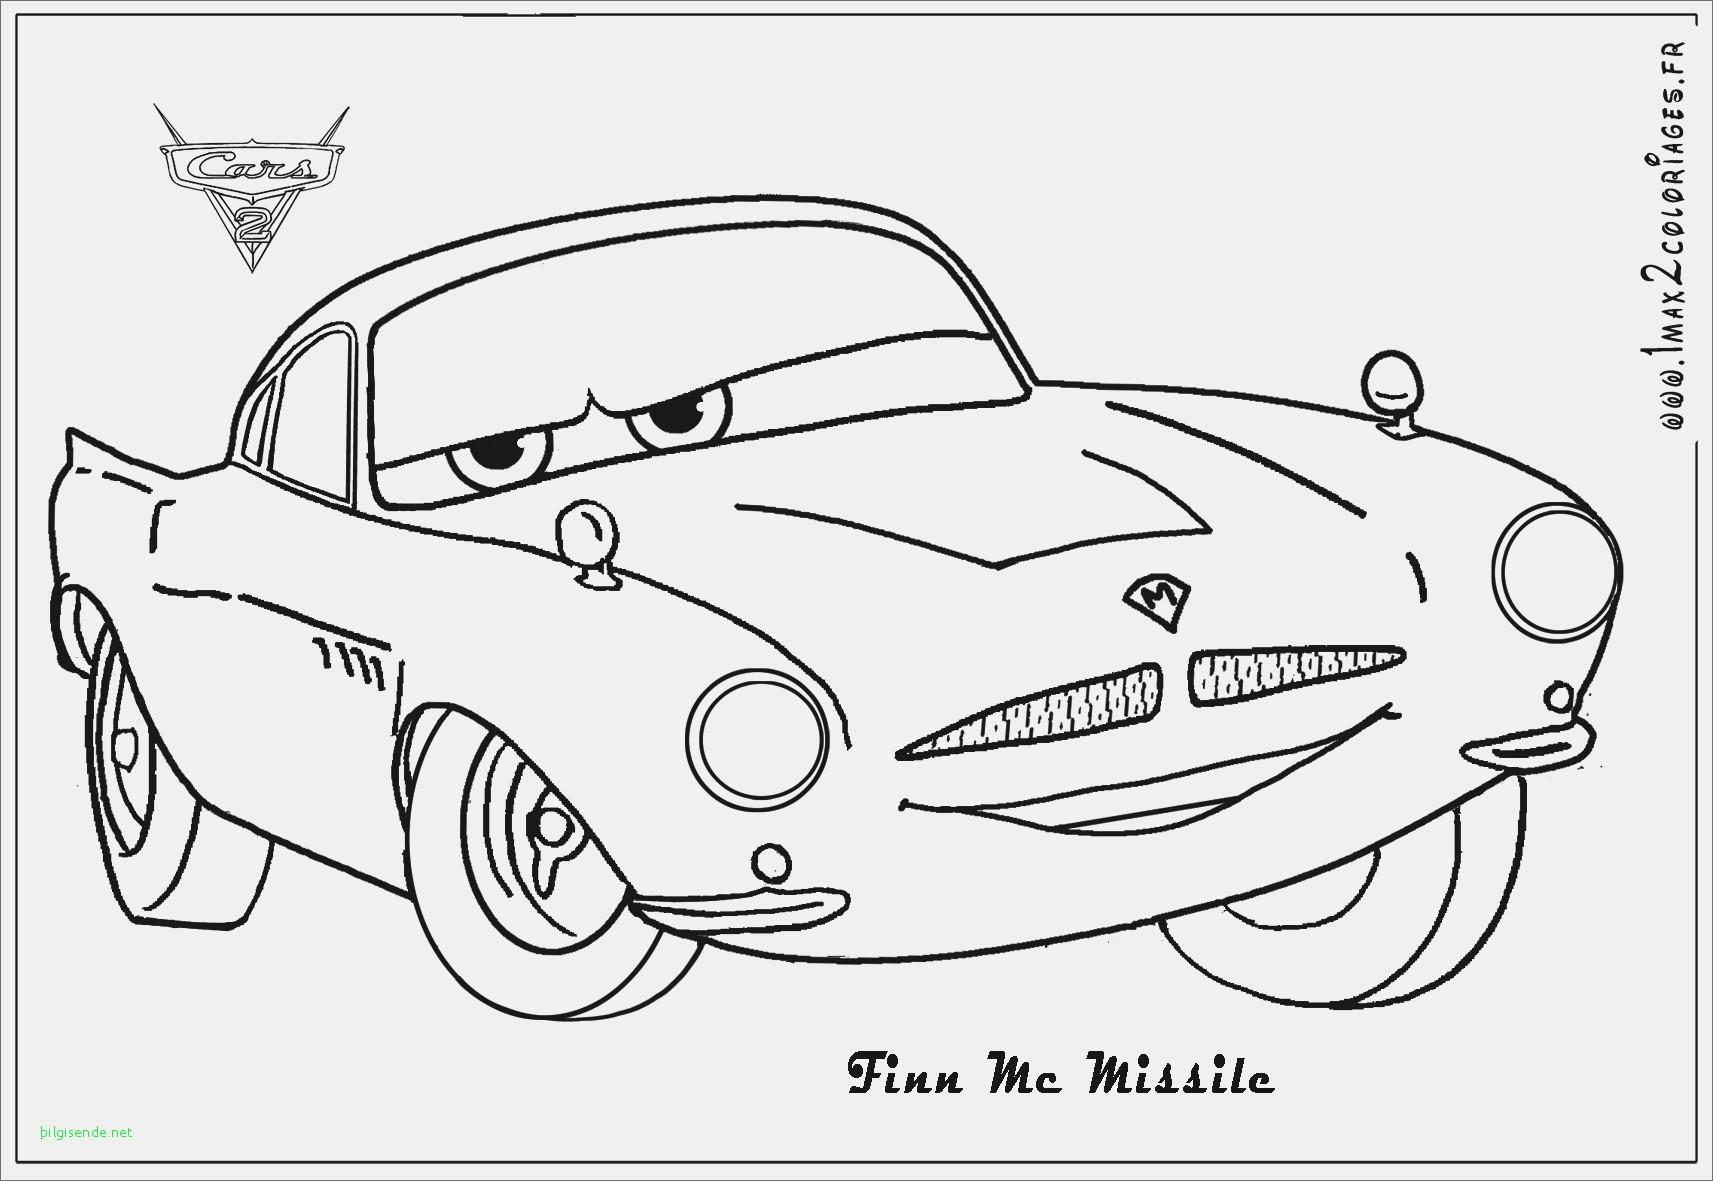 Minnie Maus Malvorlagen Genial Lkw Malvorlagen Kostenlos Verschiedene Bilder Färben 37 Ausmalbilder Stock